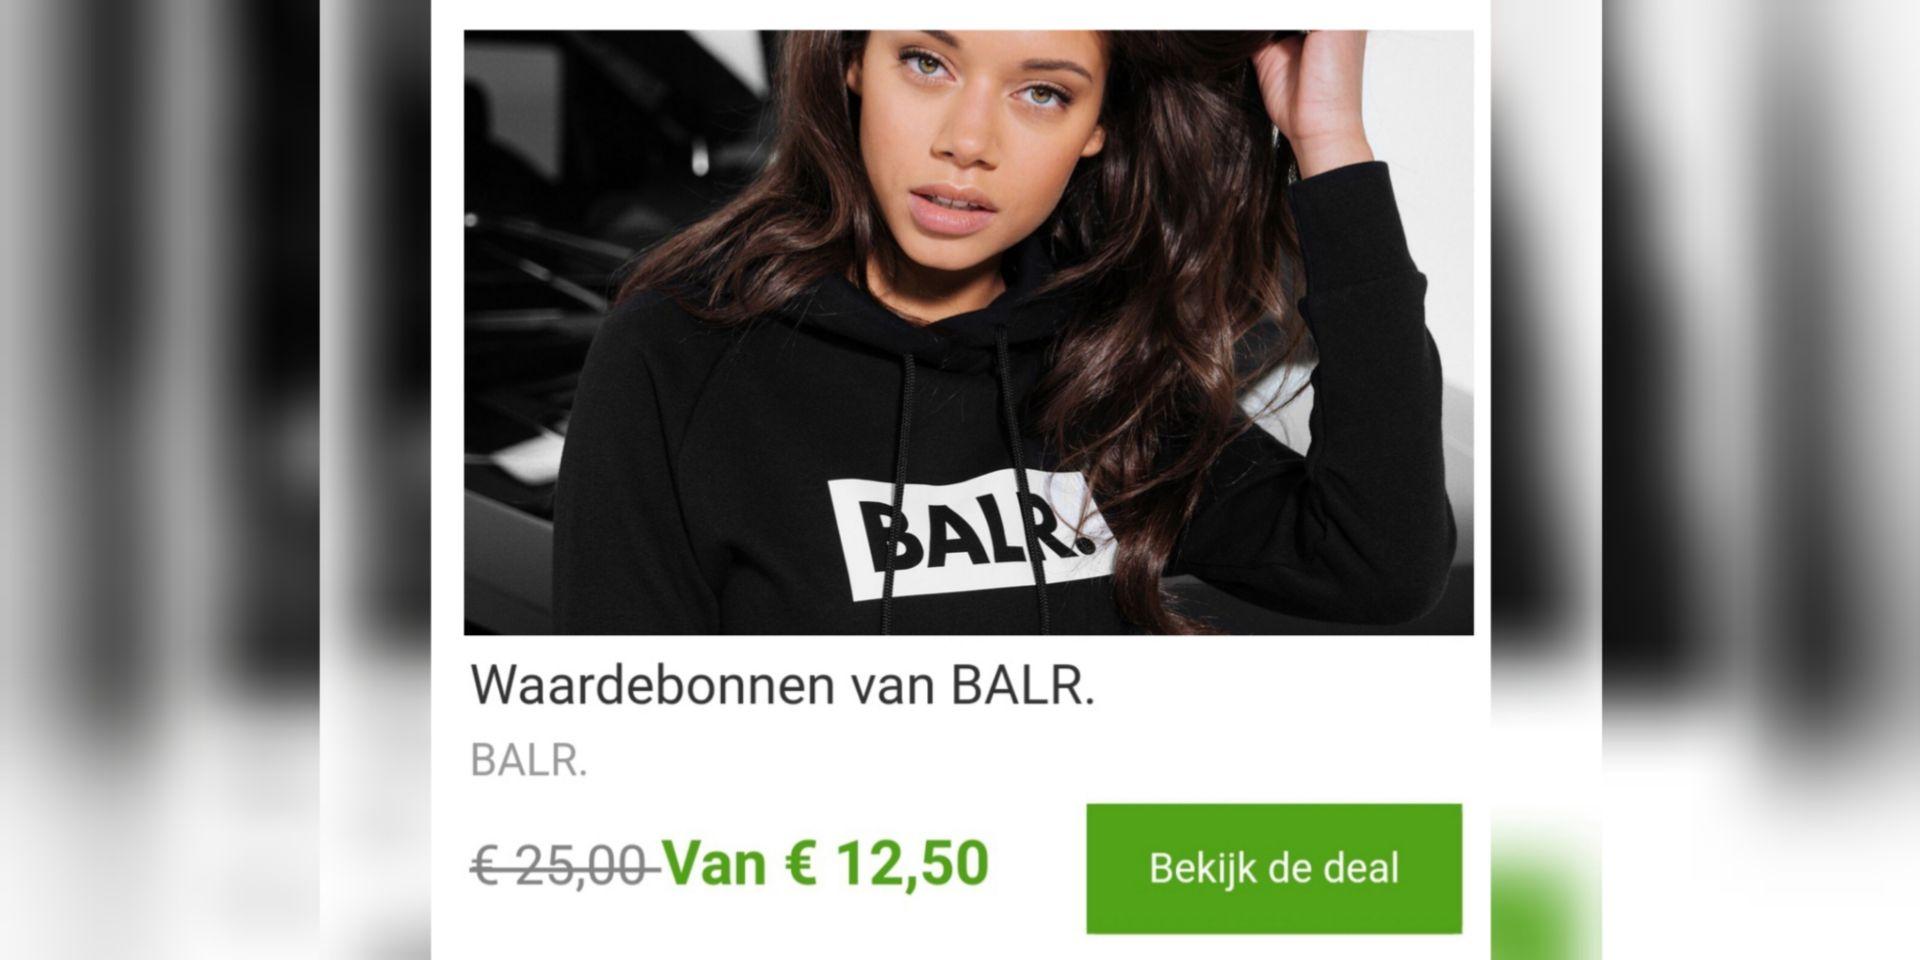 -50% korting op waardebonnen @BALR